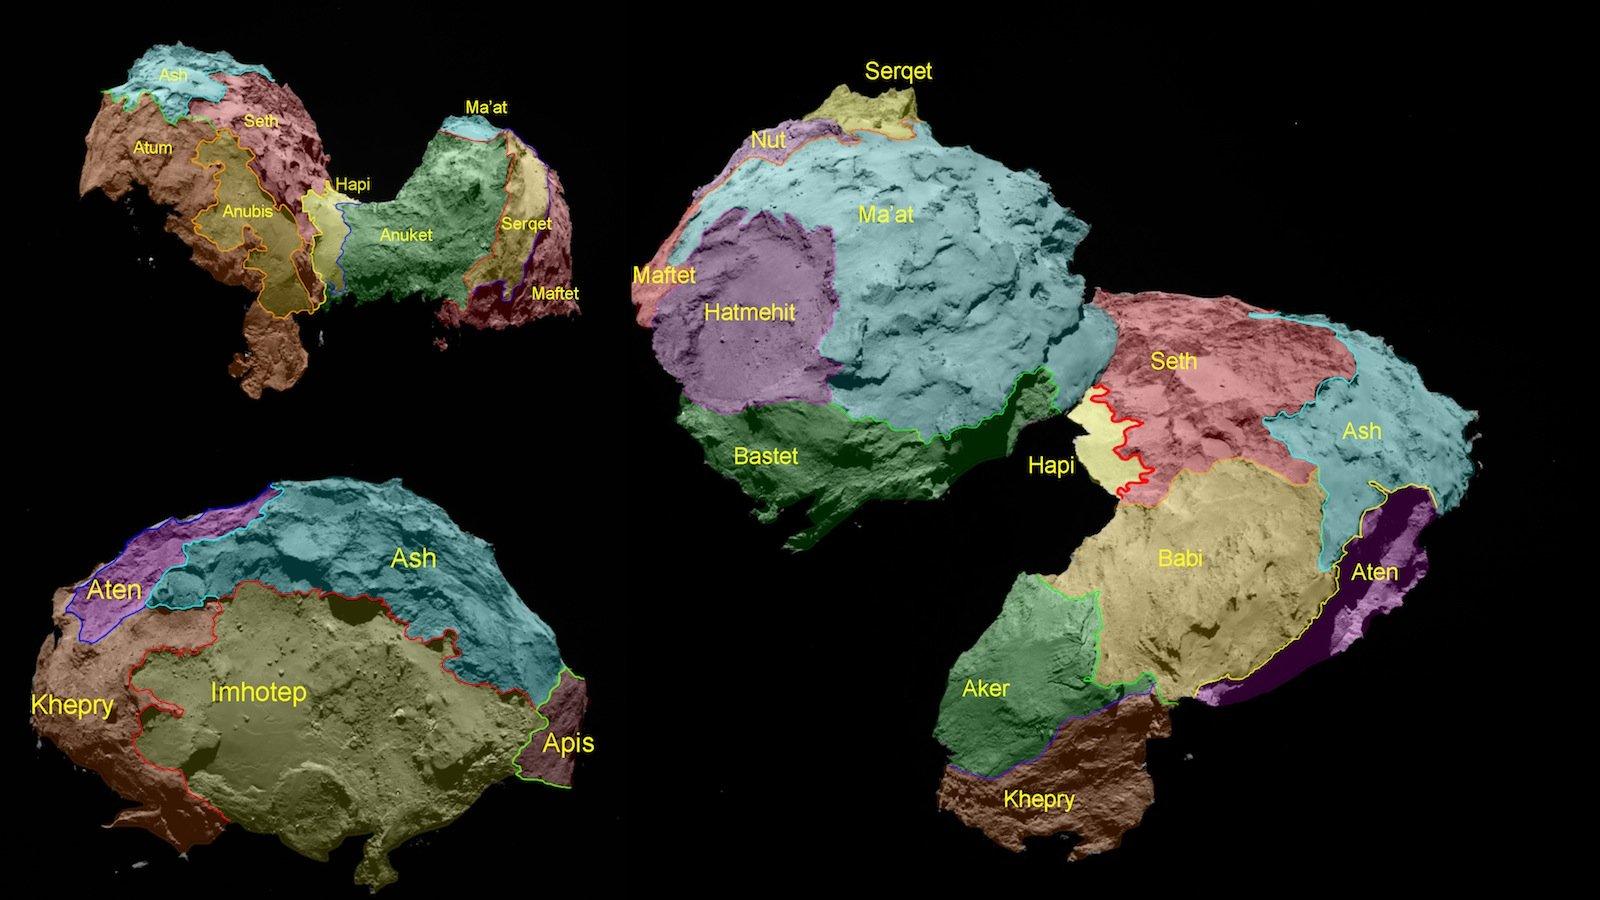 Die Wissenschaftler des Osiris-Teams unterteilten den Kometen Churuymov-Gerasimenko (Tschuri) in 19 unterschiedliche Regionen. Osiris ist das Kamerasystem der europäischen Raumsonde Rosetta.